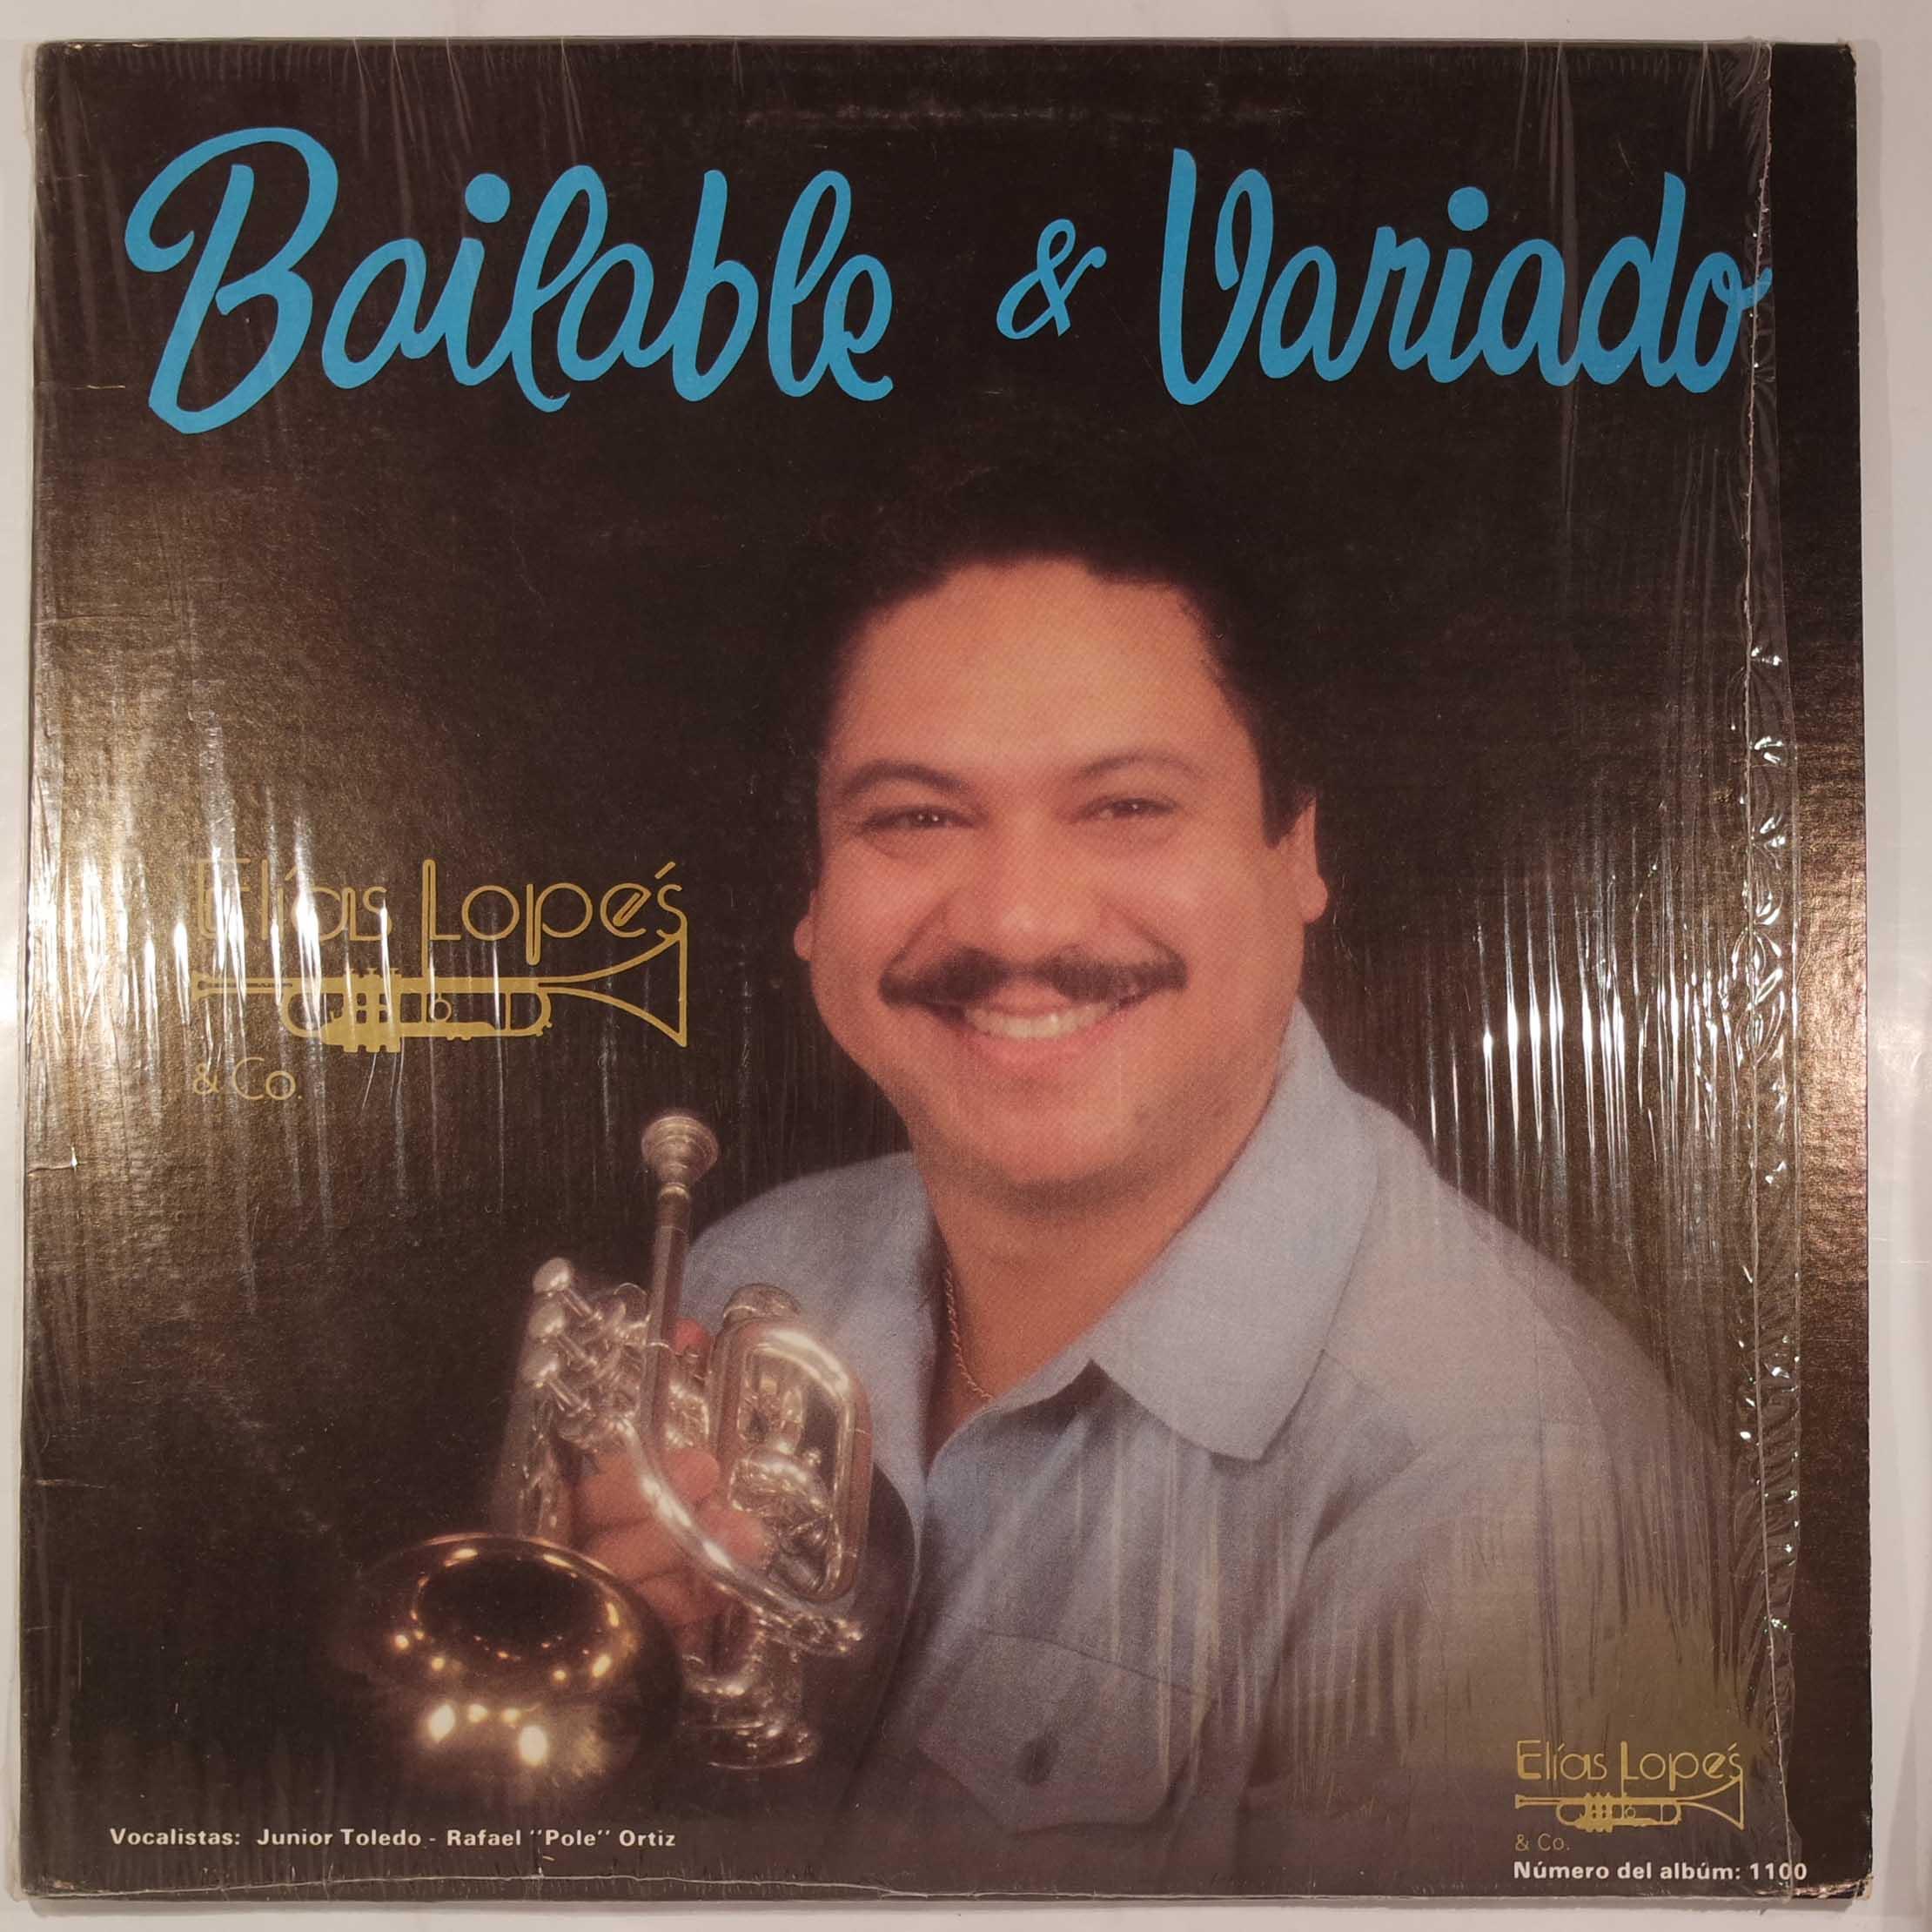 ELIAS LOPES & CO - Bailable & Variado - LP